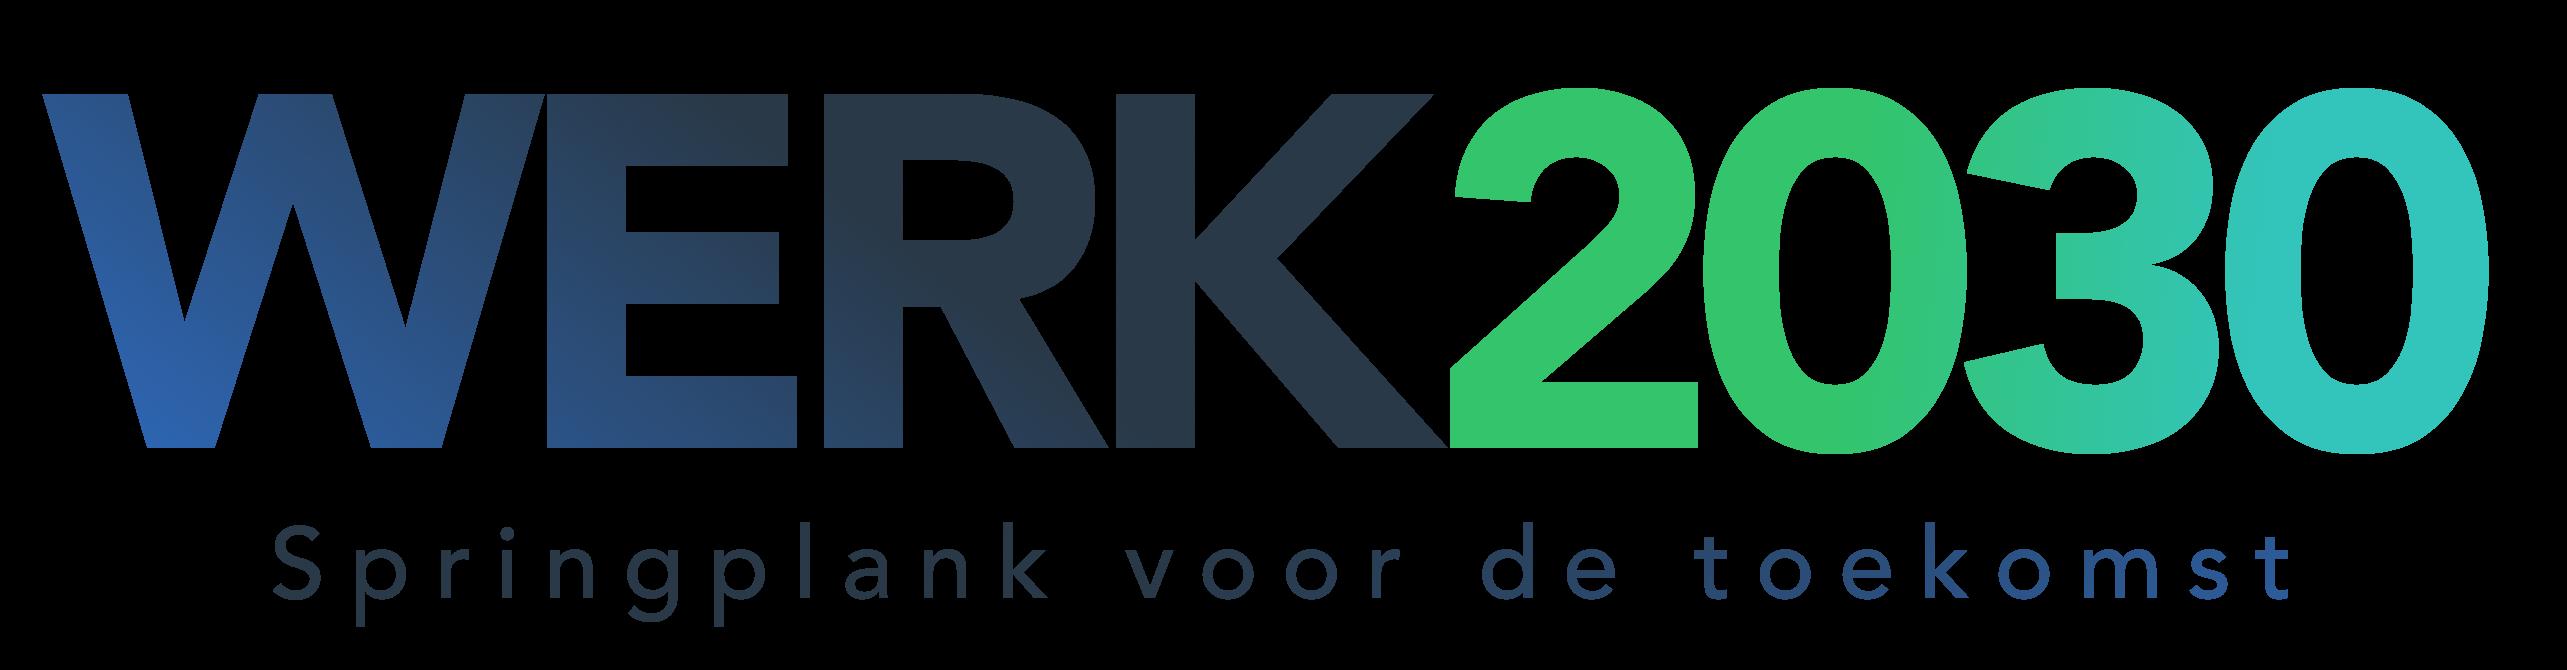 Werk2030